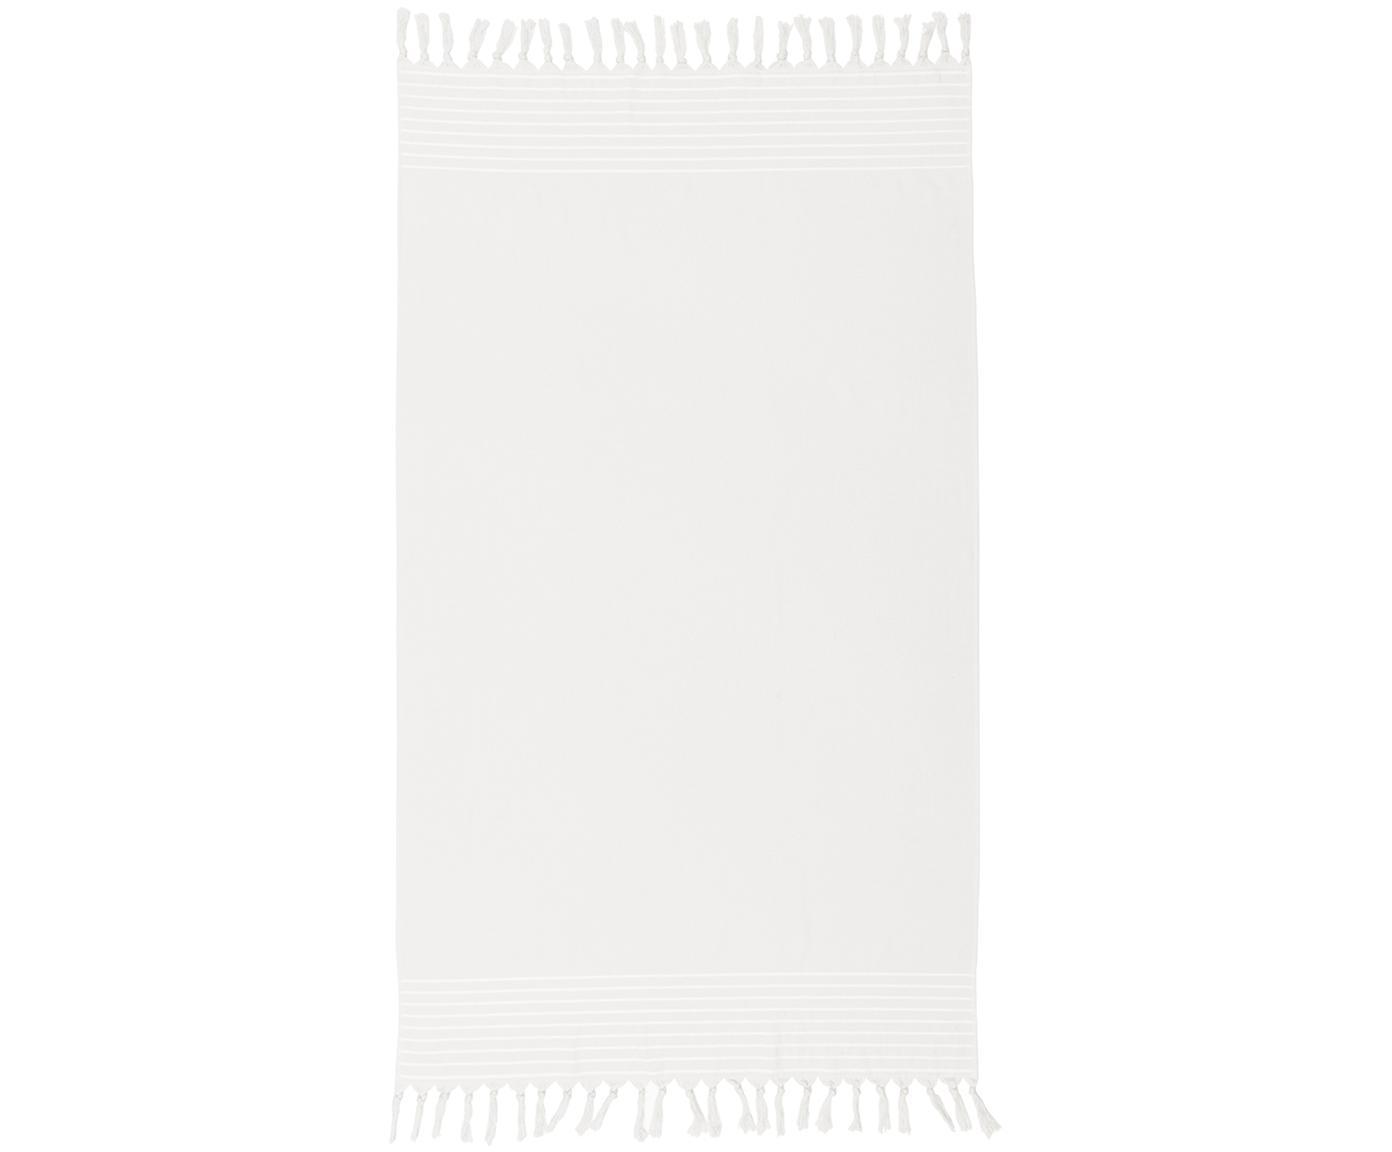 Telo fouta con retro in spugna Freddy, Retro: spugna, Bianco crema, Larg. 100 x Lung. 180 cm